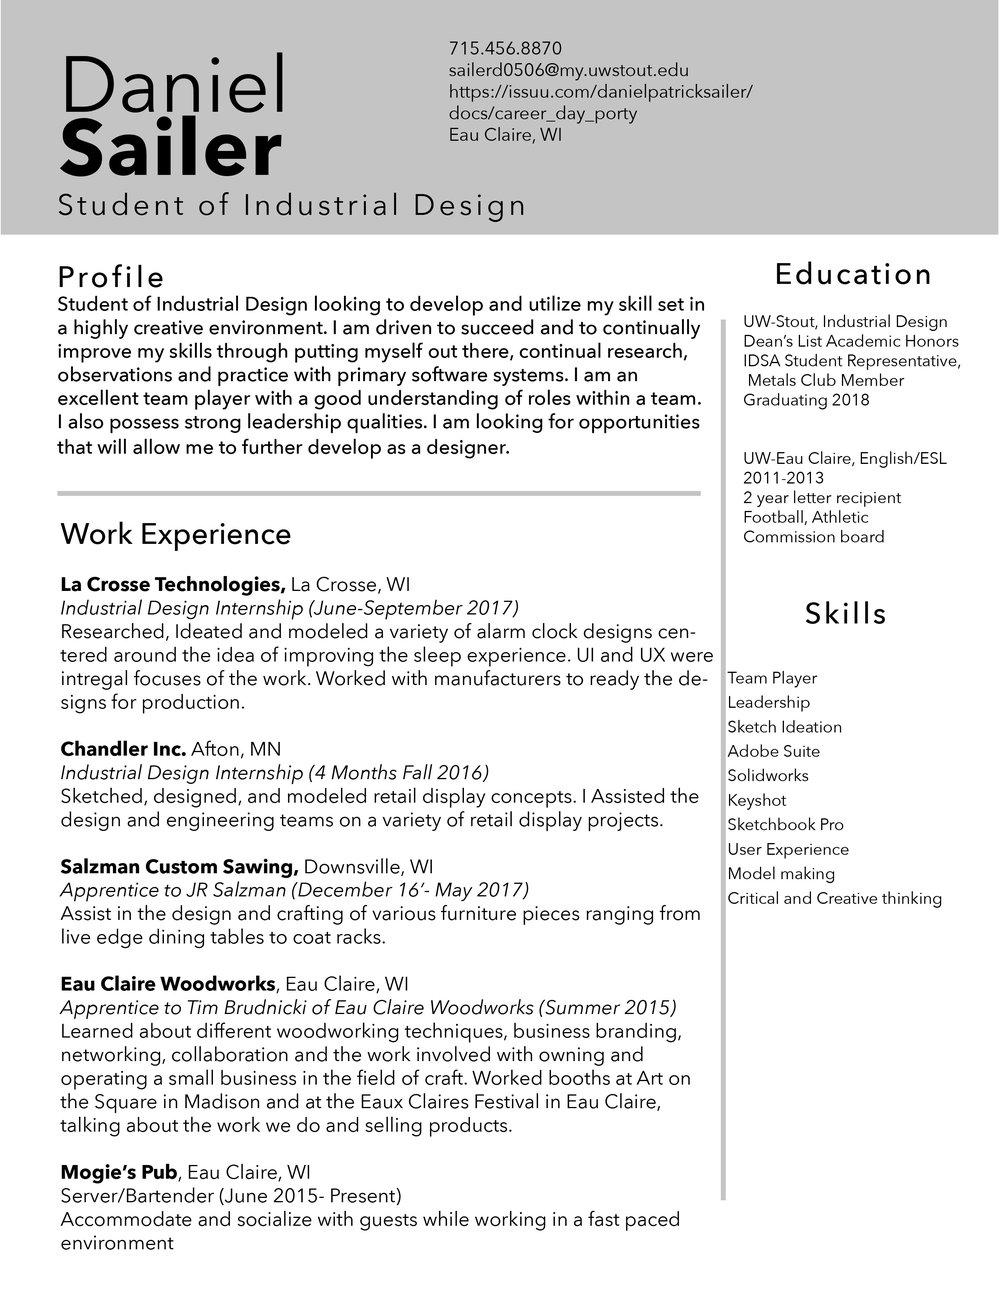 Resume Daniel Sailer